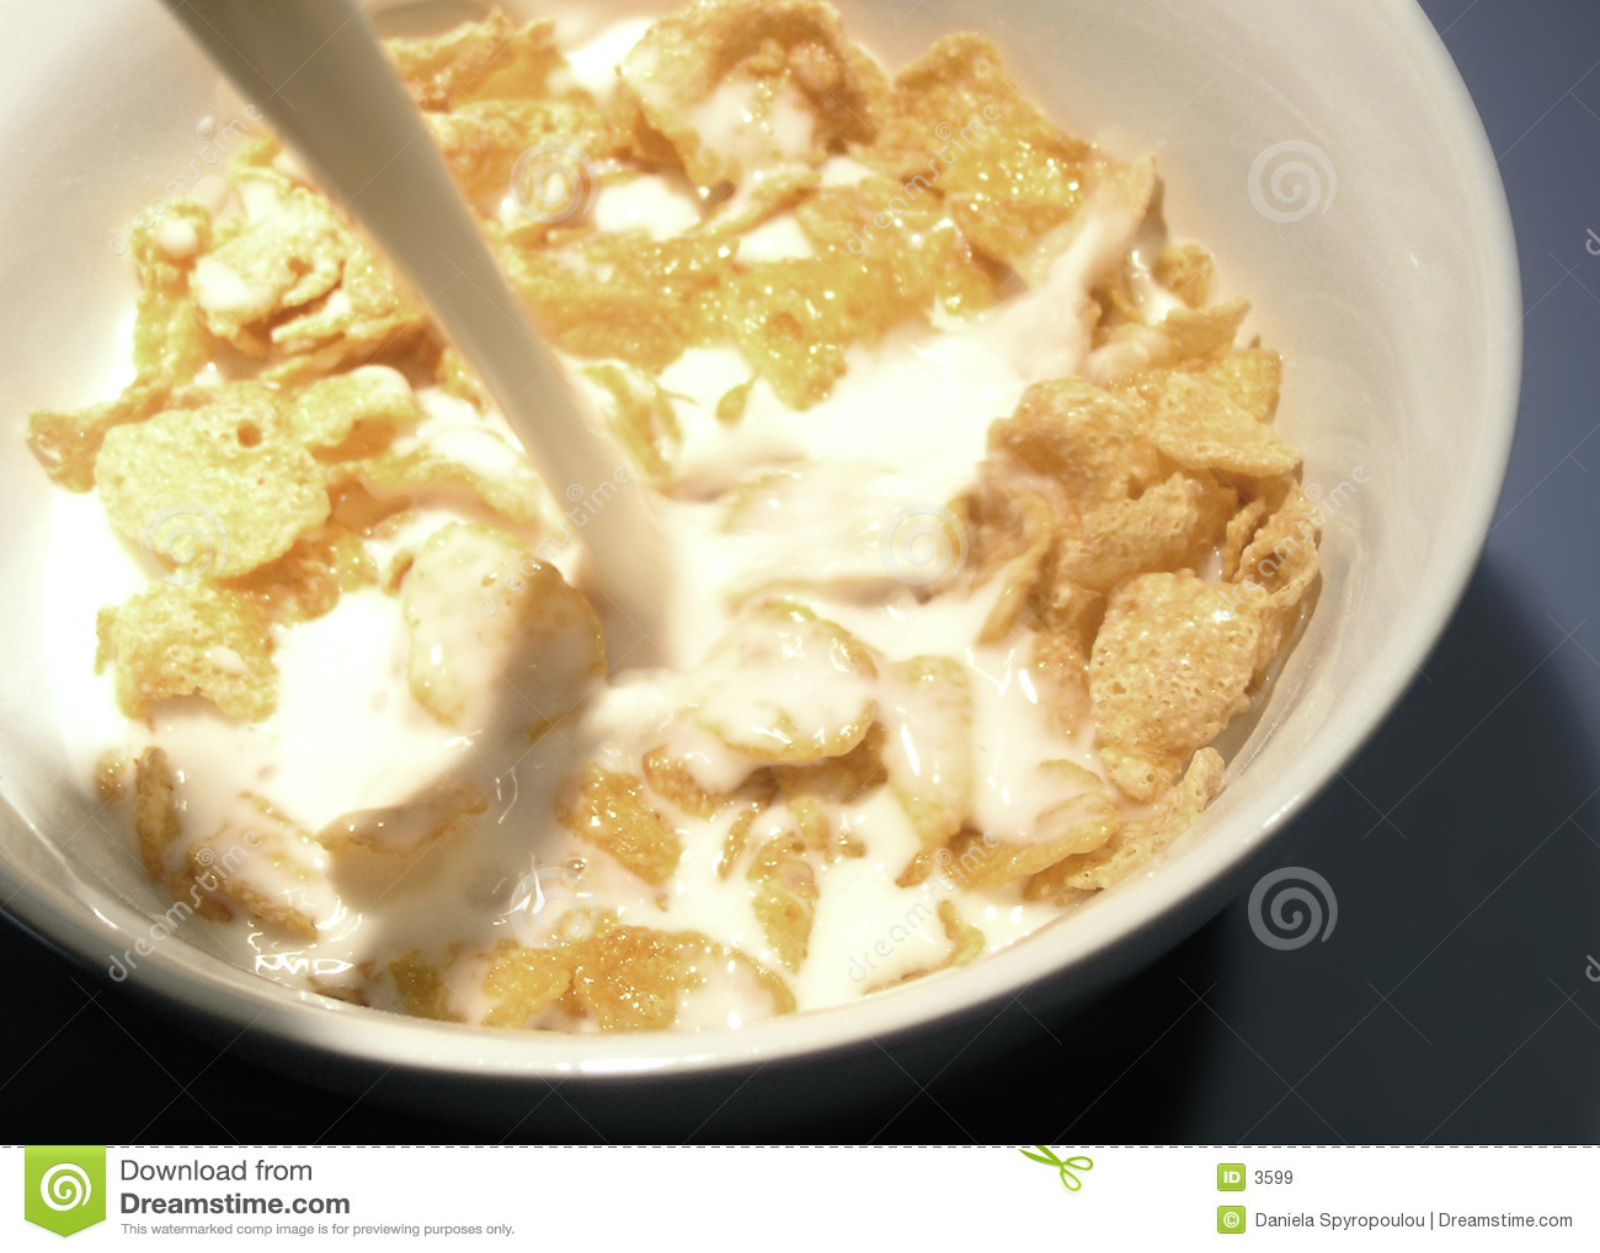 Download Fiocchi di avena immagine stock. Immagine di closeup, breakfasts - 3599